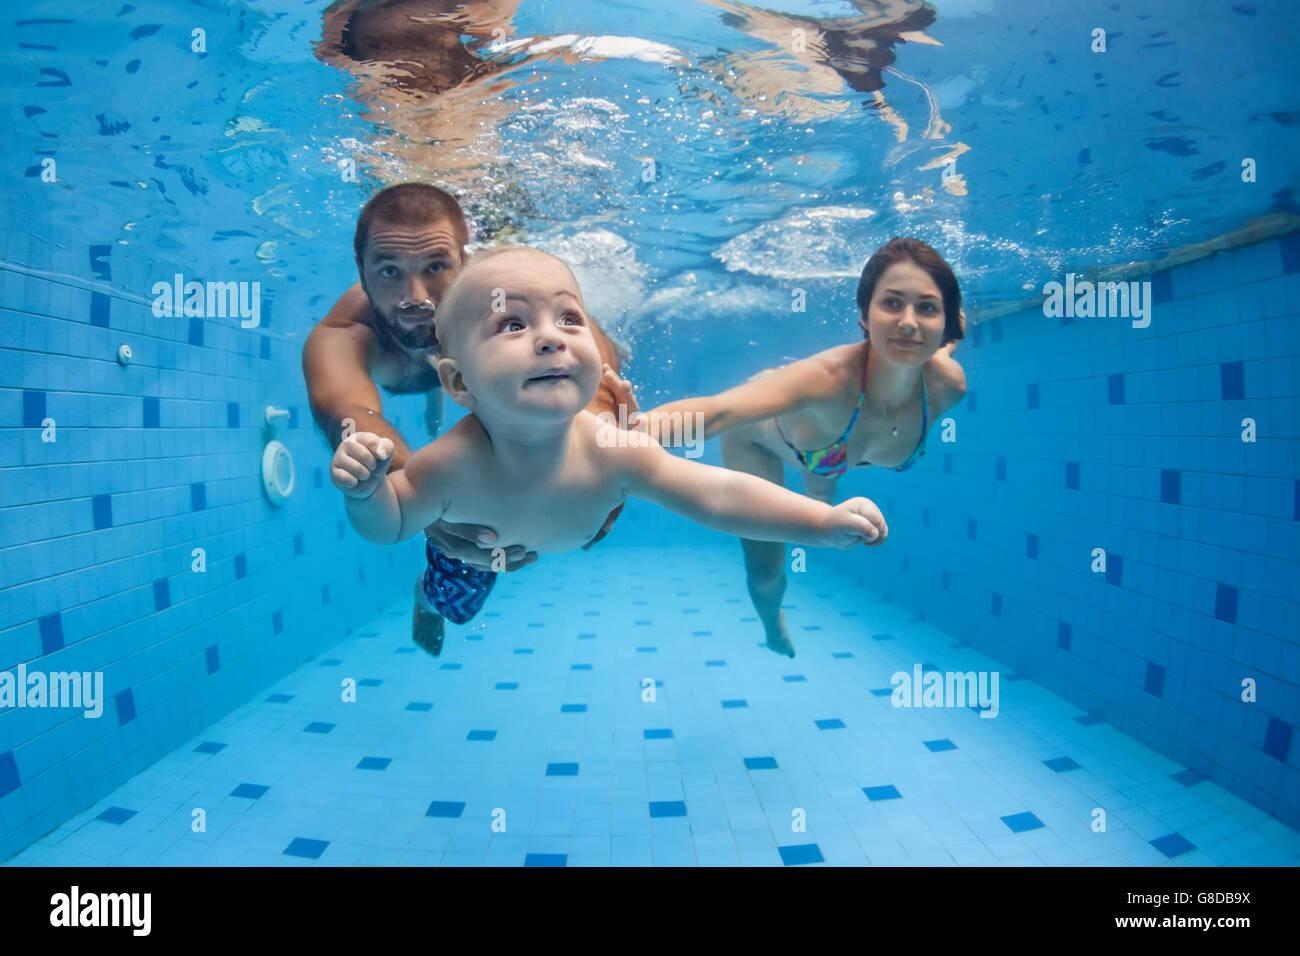 Feliz familia completa -madre, padre, hijo, aprender a nadar, bucear bajo el agua con la diversión en la piscina Imagen De Stock